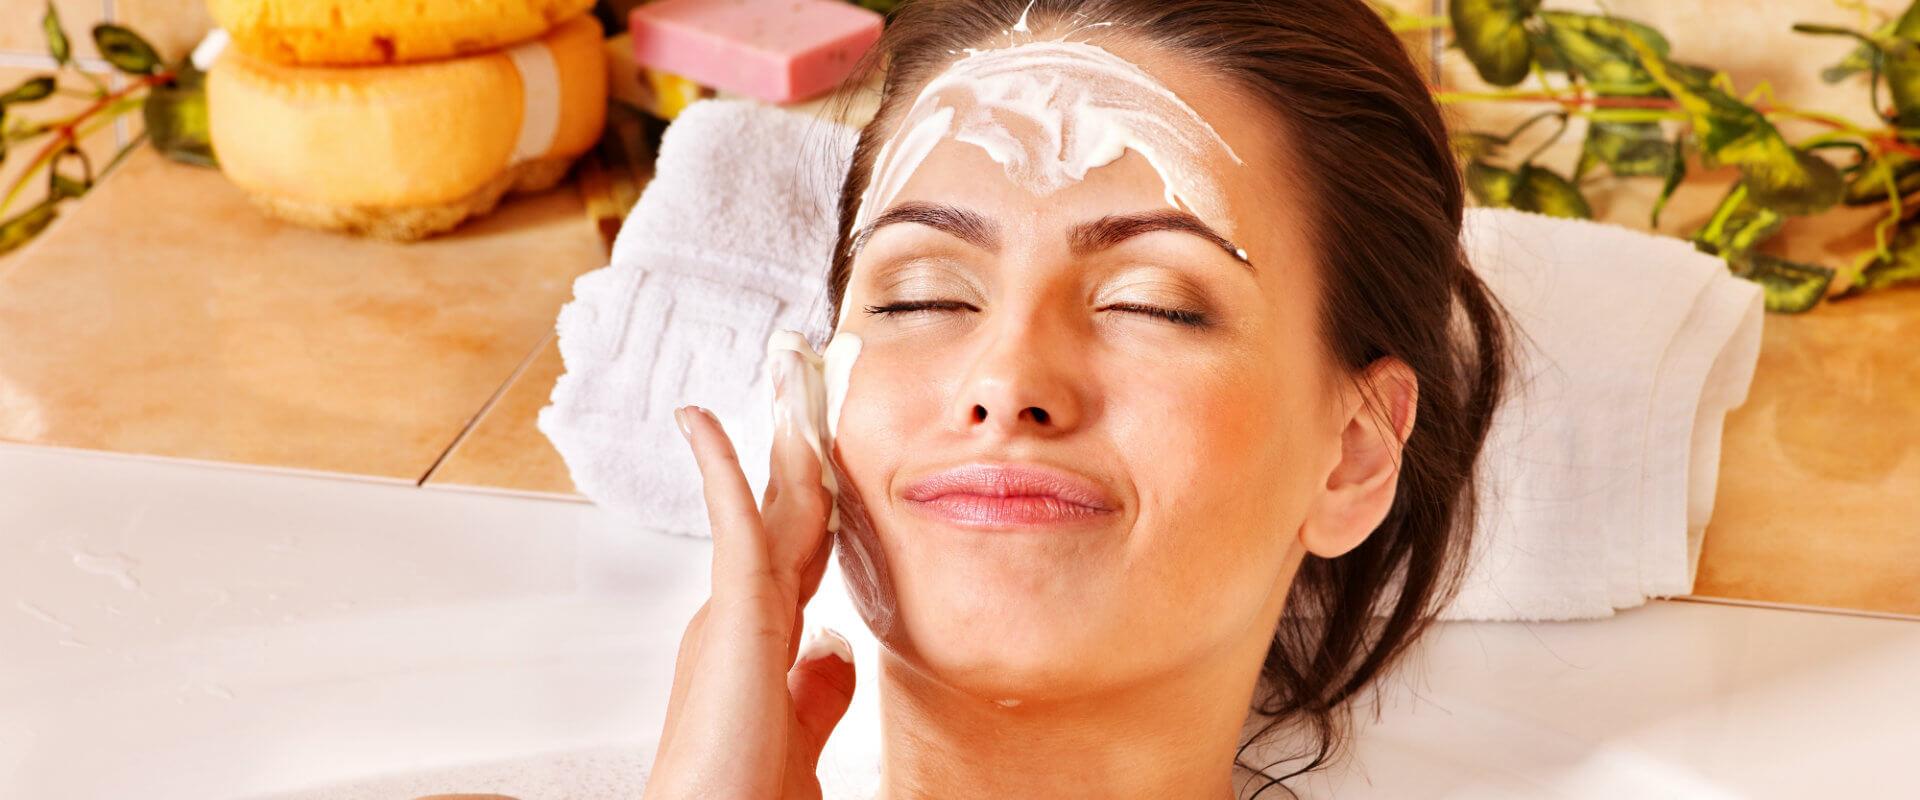 Mujer en el baño usando una mascarilla casera para la cara